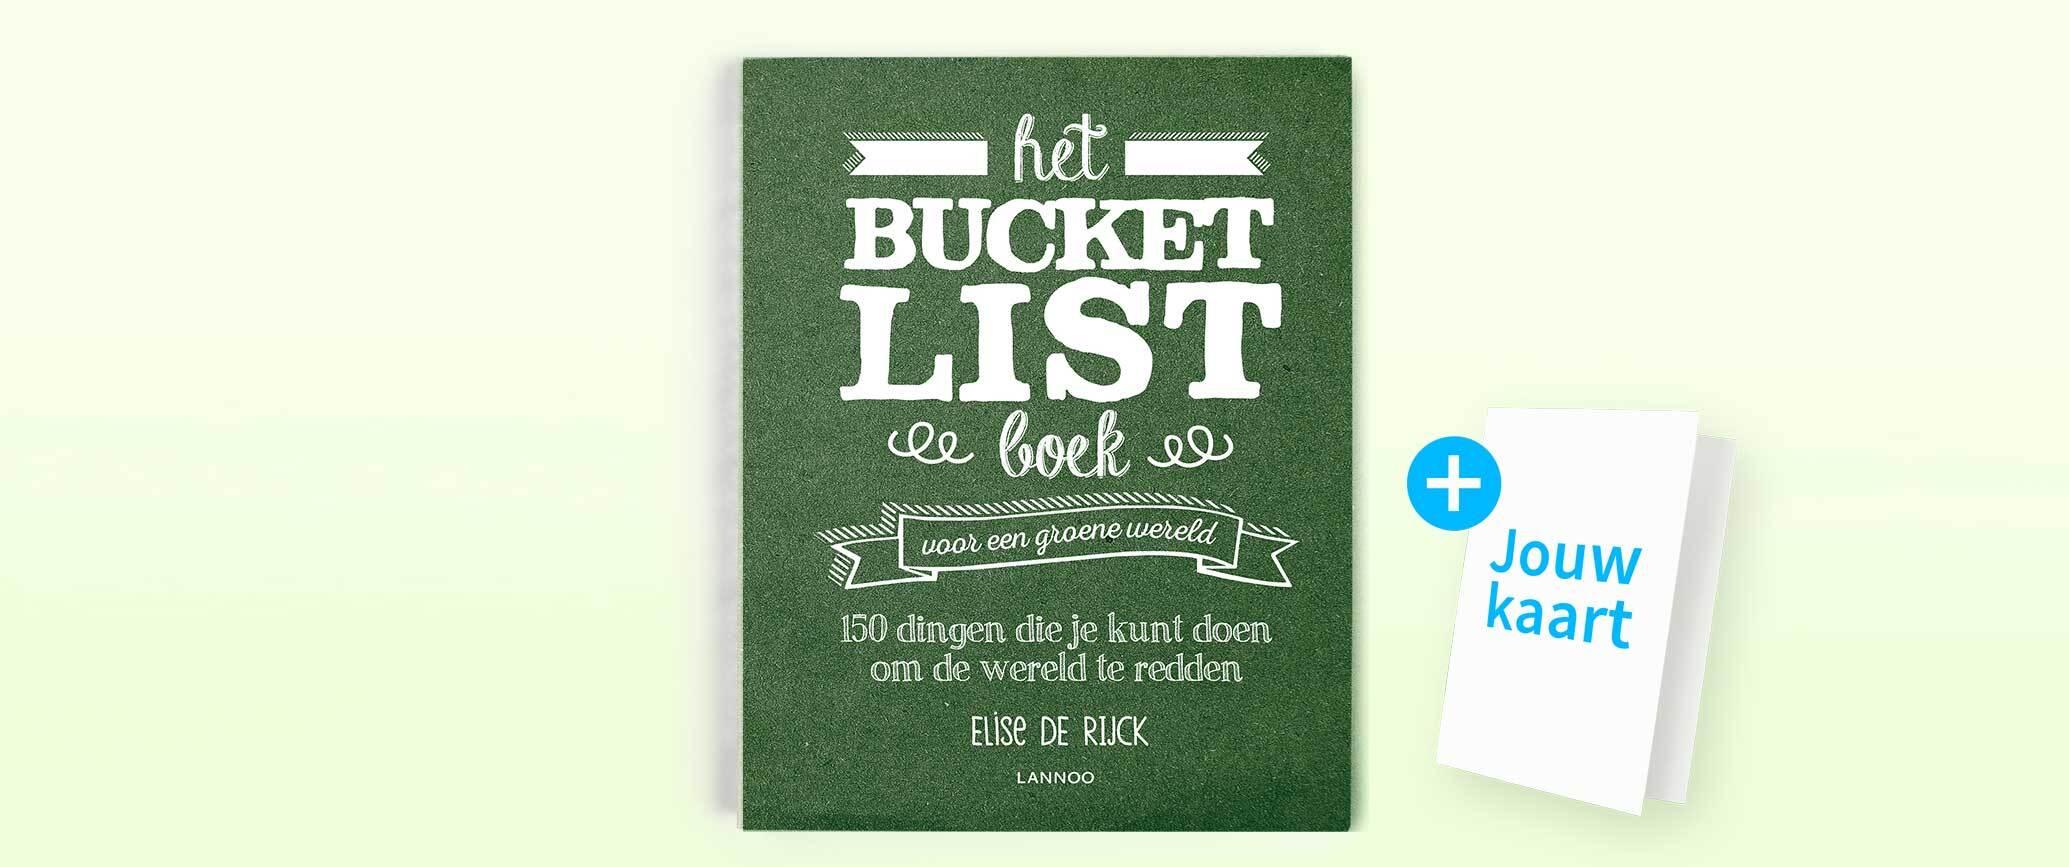 Bucketlist boek voor een groene wereld